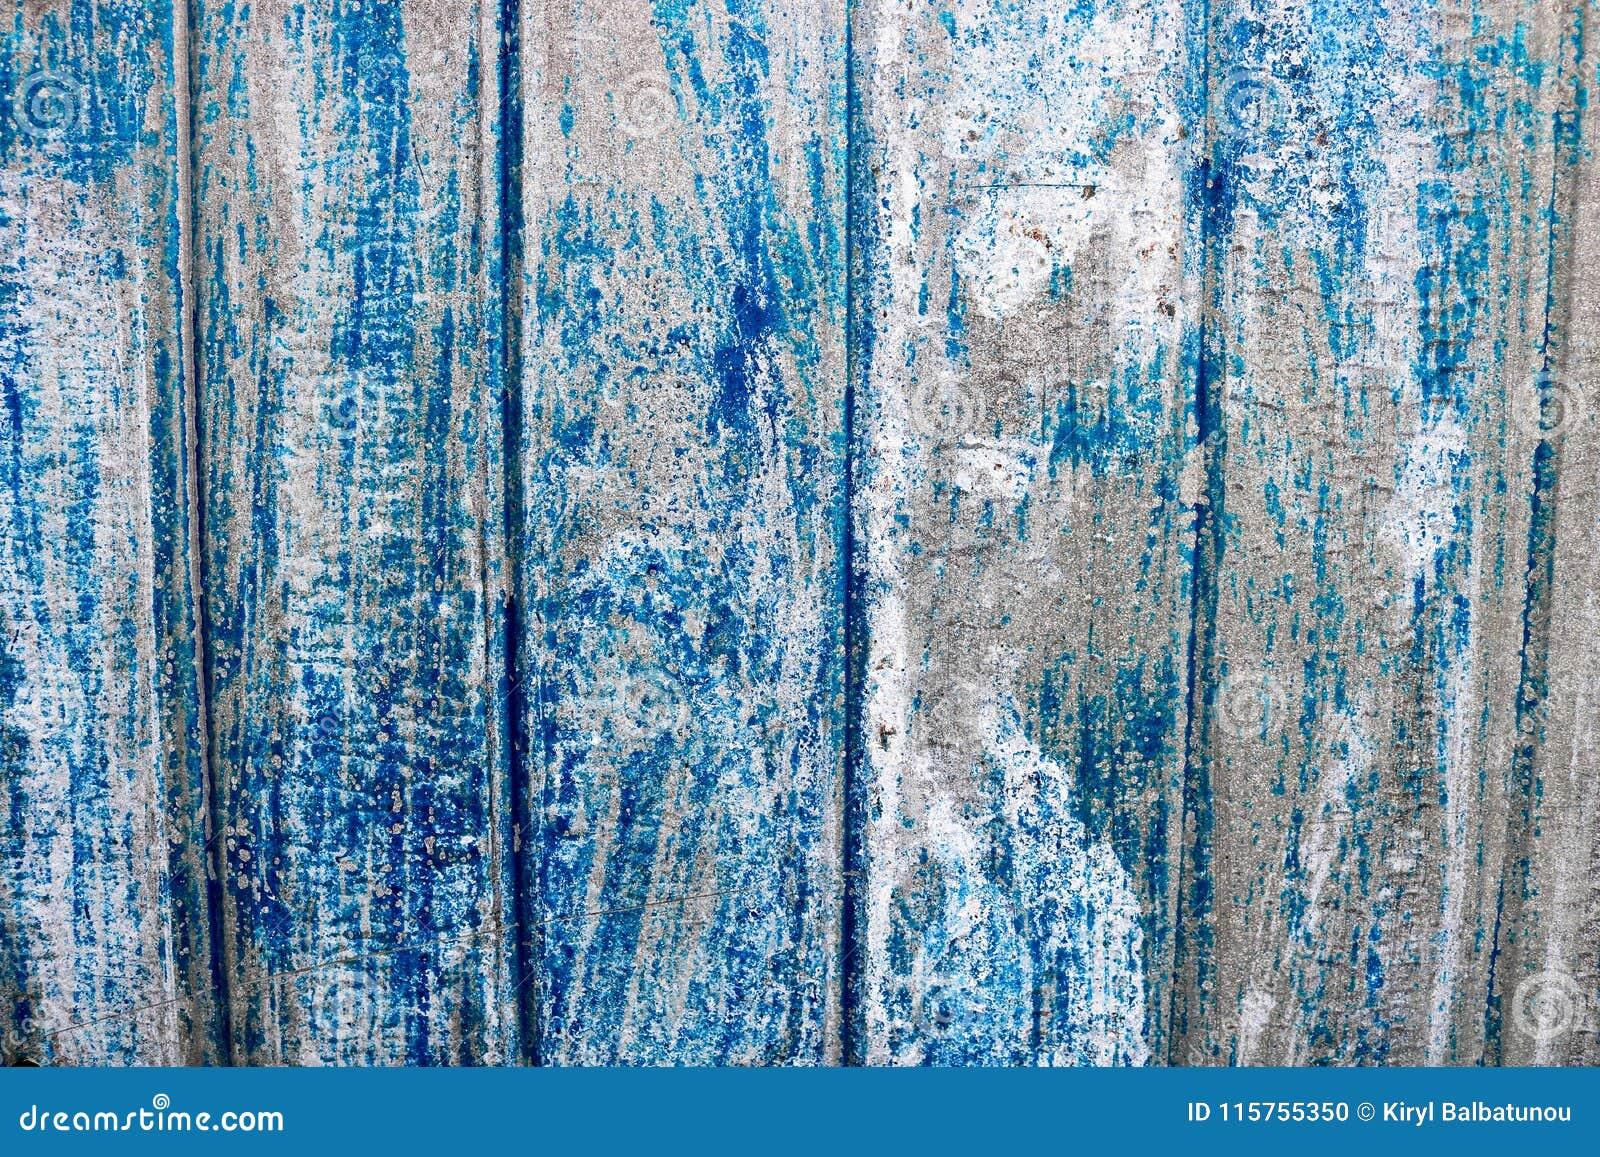 Azul brilhante textura saturada do relevo de uma superfície de metal belamente pintada com listras verticais e pintura apagada ga